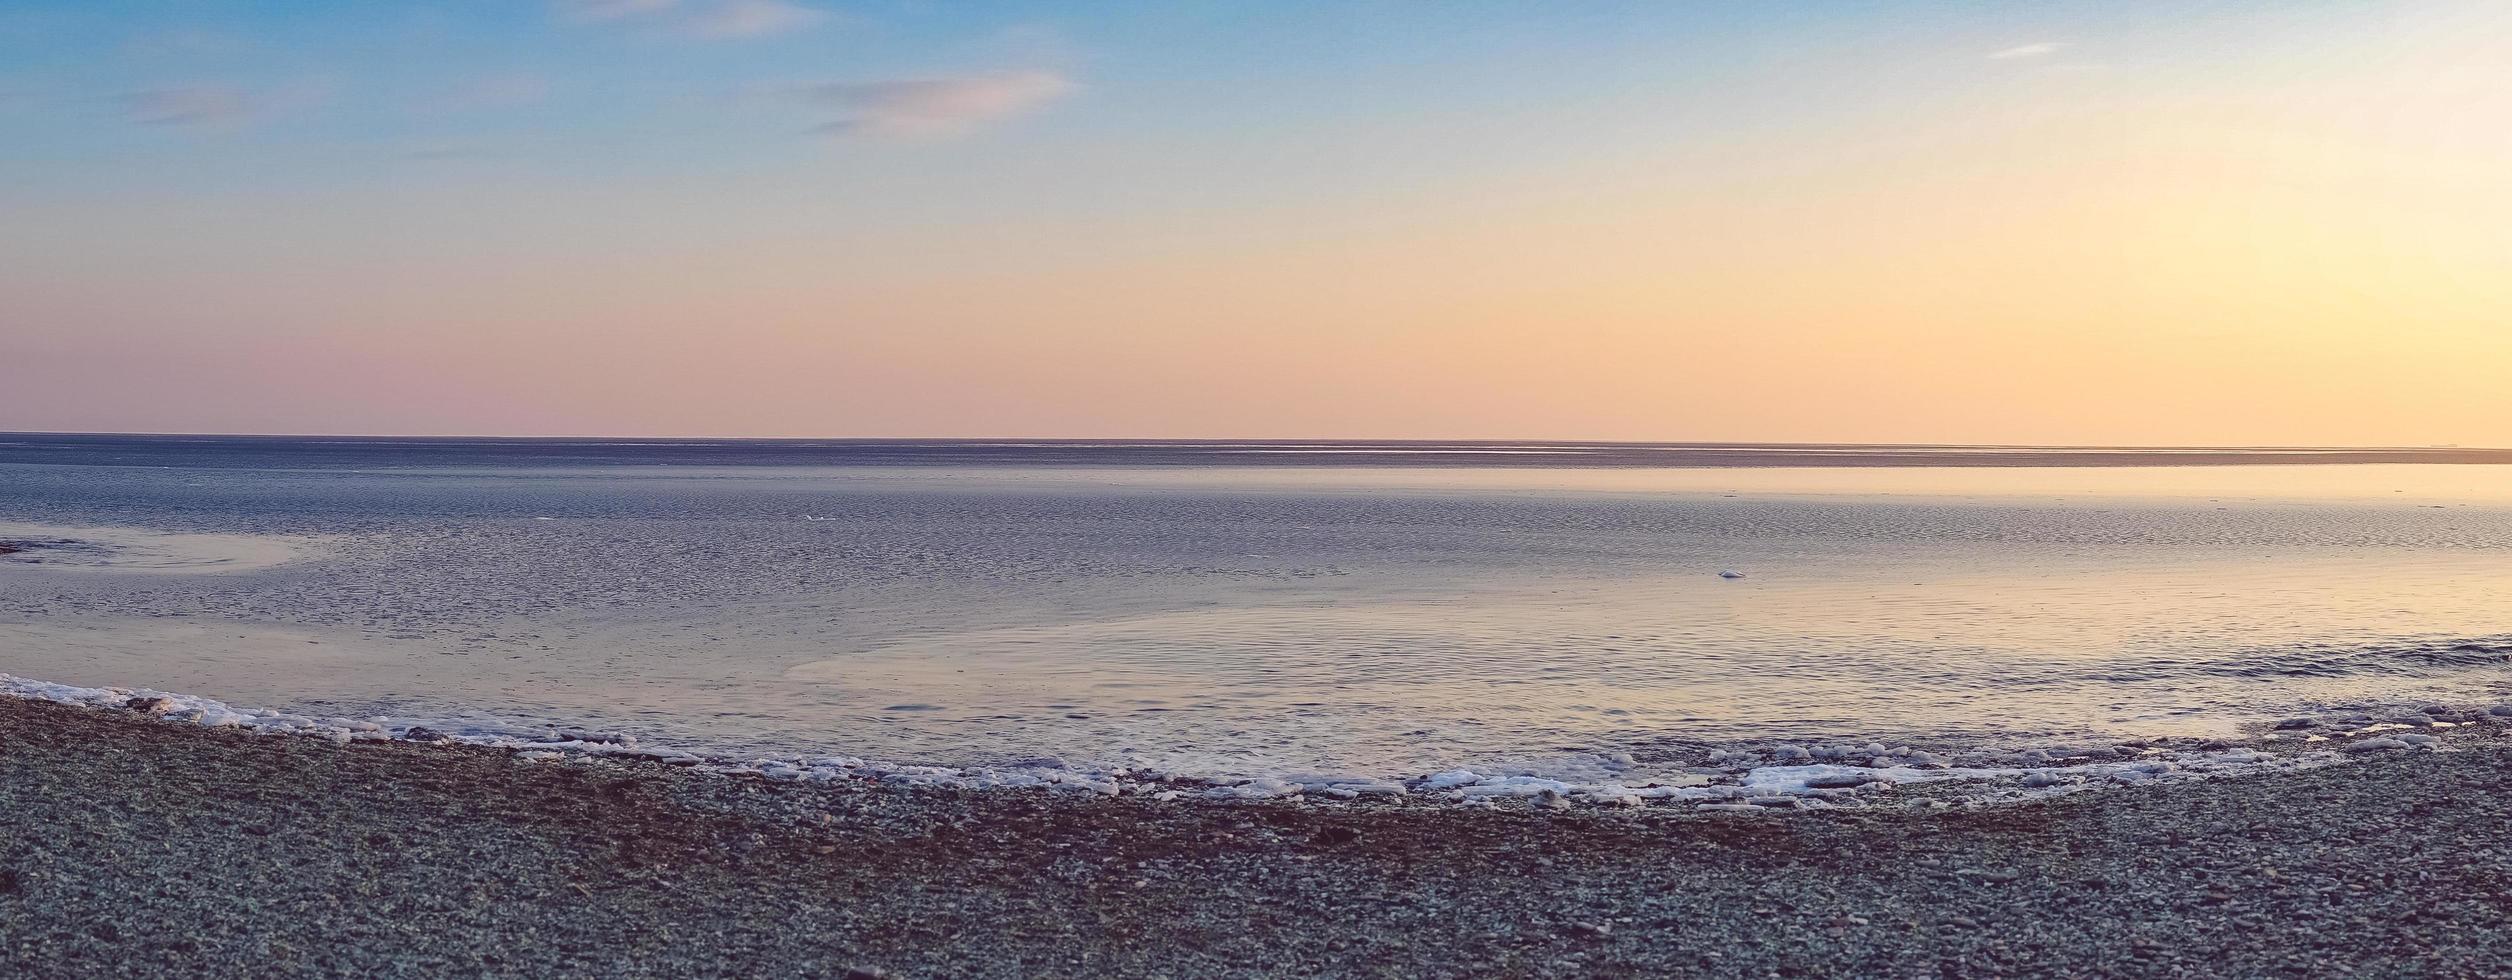 panorama sul mare della spiaggia e colorato cielo nuvoloso foto